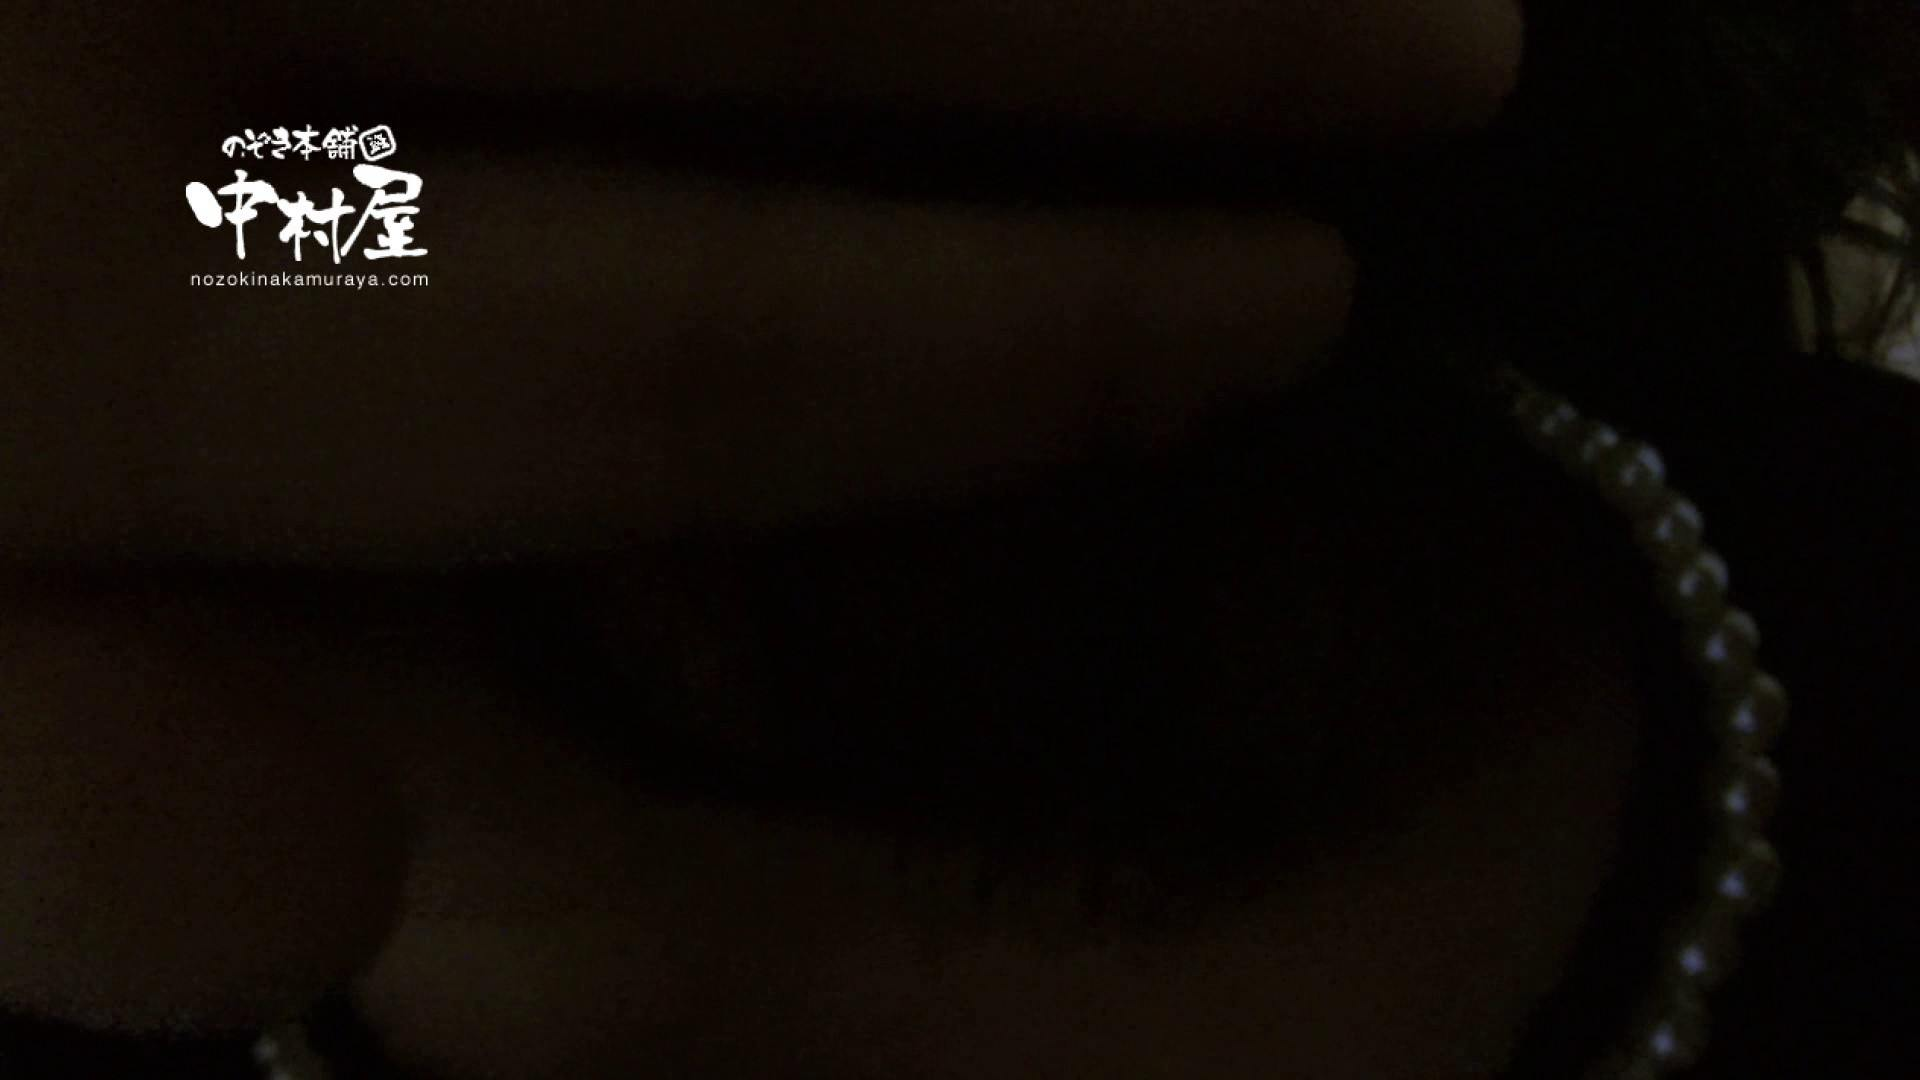 鬼畜 vol.06 中出し処刑! 後編 鬼畜 | 中出し  19pic 7